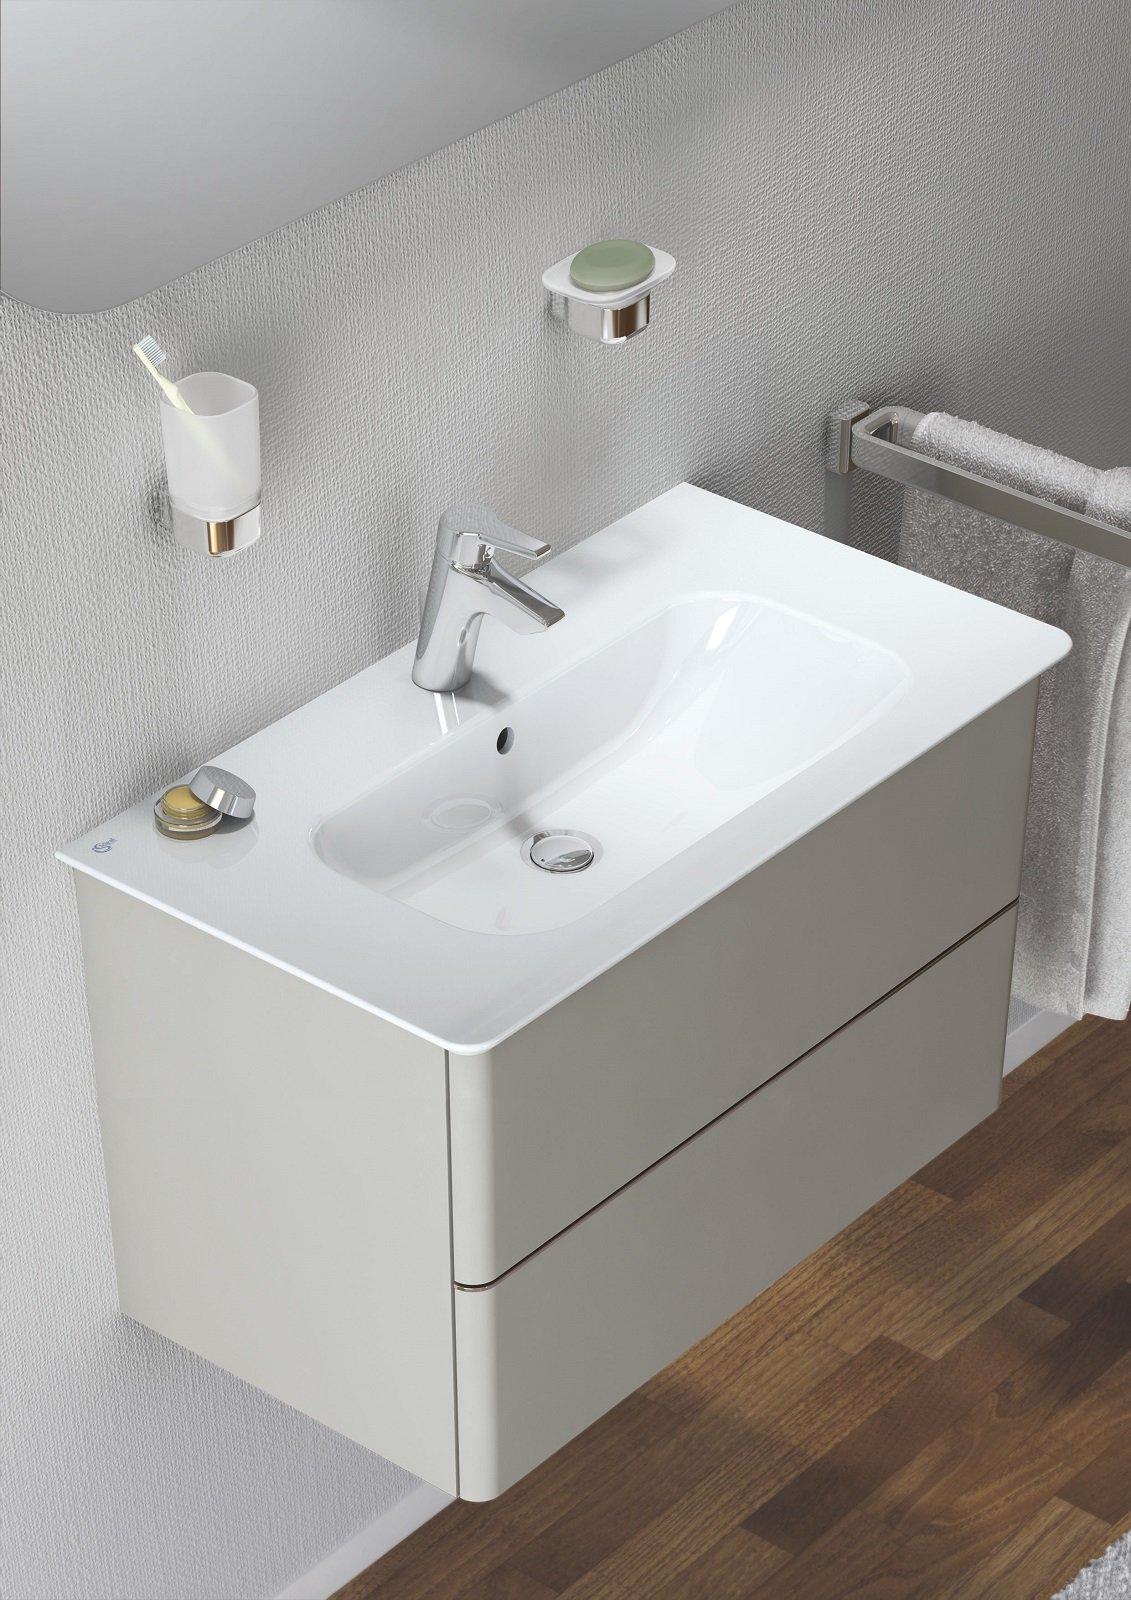 Accessori bagno cose di casa - Rubinetteria bagno ideal standard ...